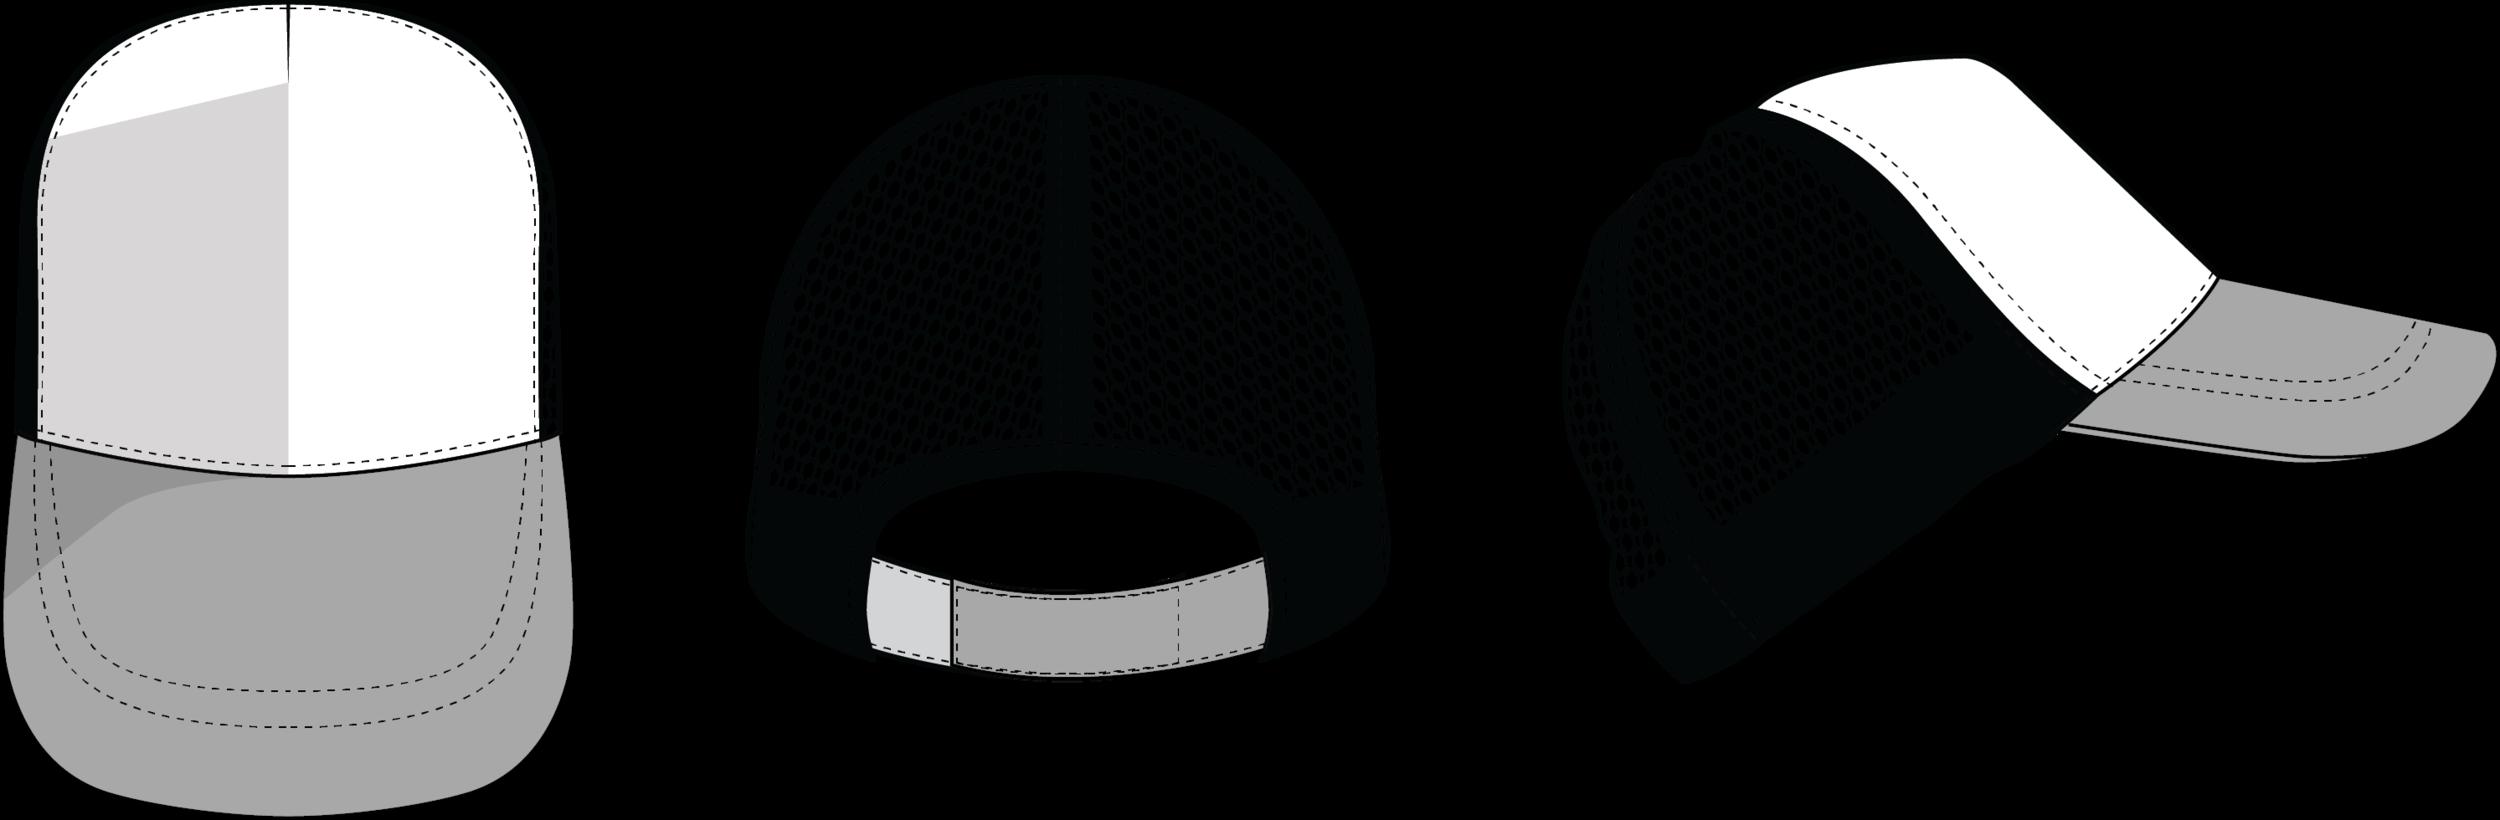 KID CAP.png